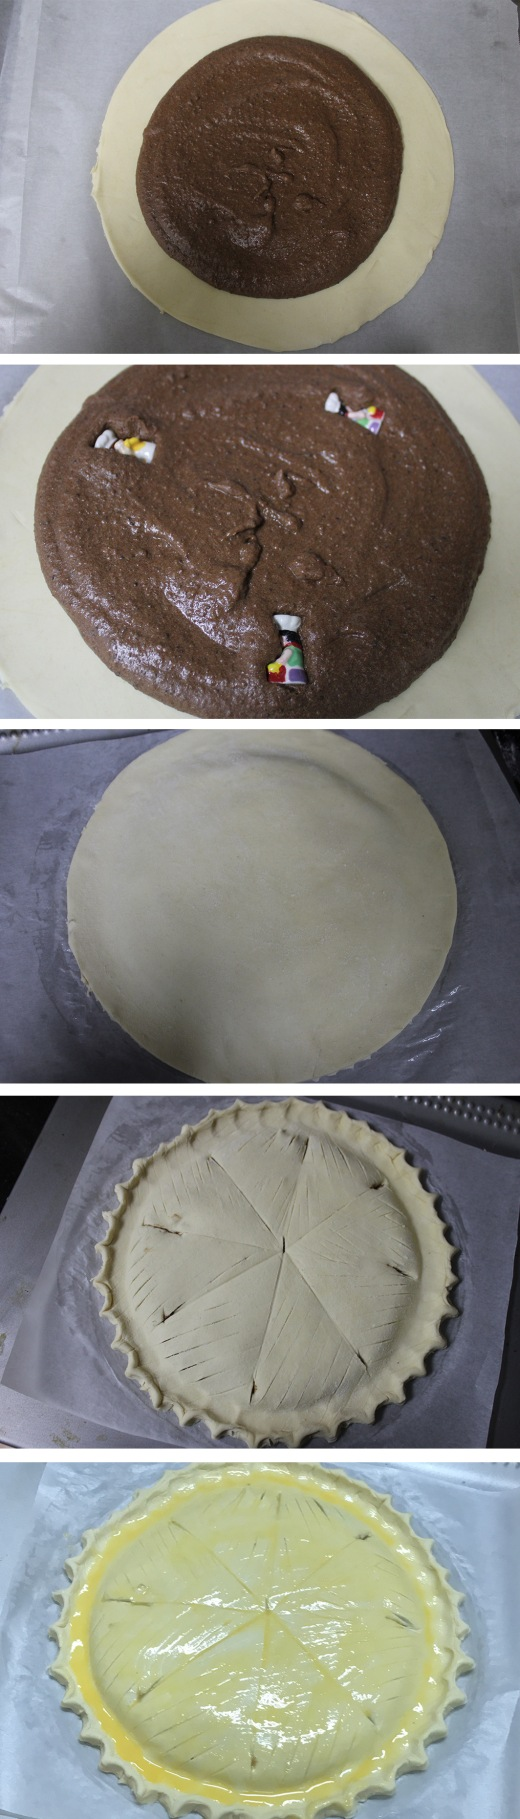 galette-des-rois-frangipane-au-chocolat-marmite-et-ponpon